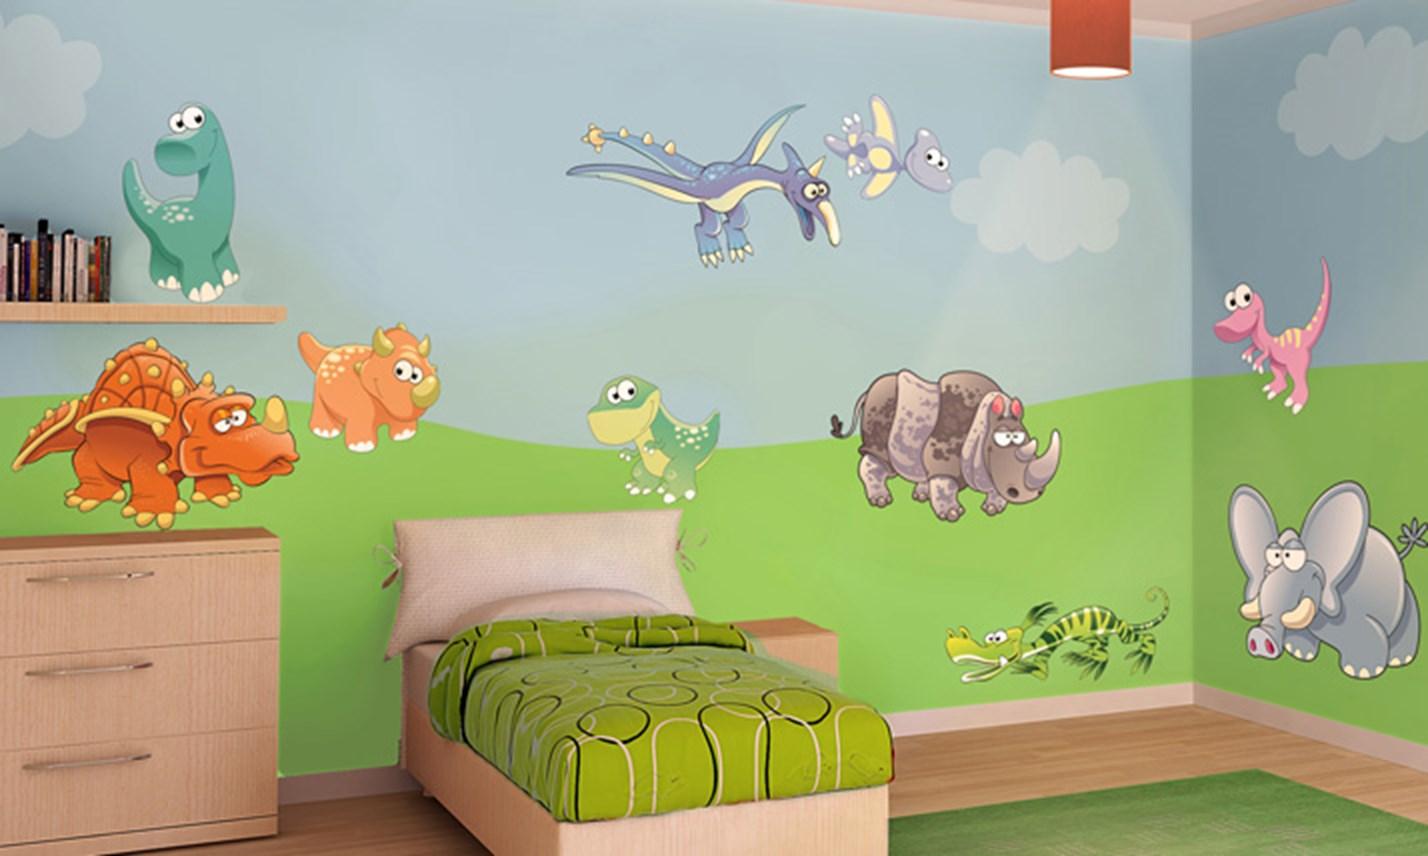 Decorazioni adesive per pareti bambini decorazioni for Decorazioni per camerette